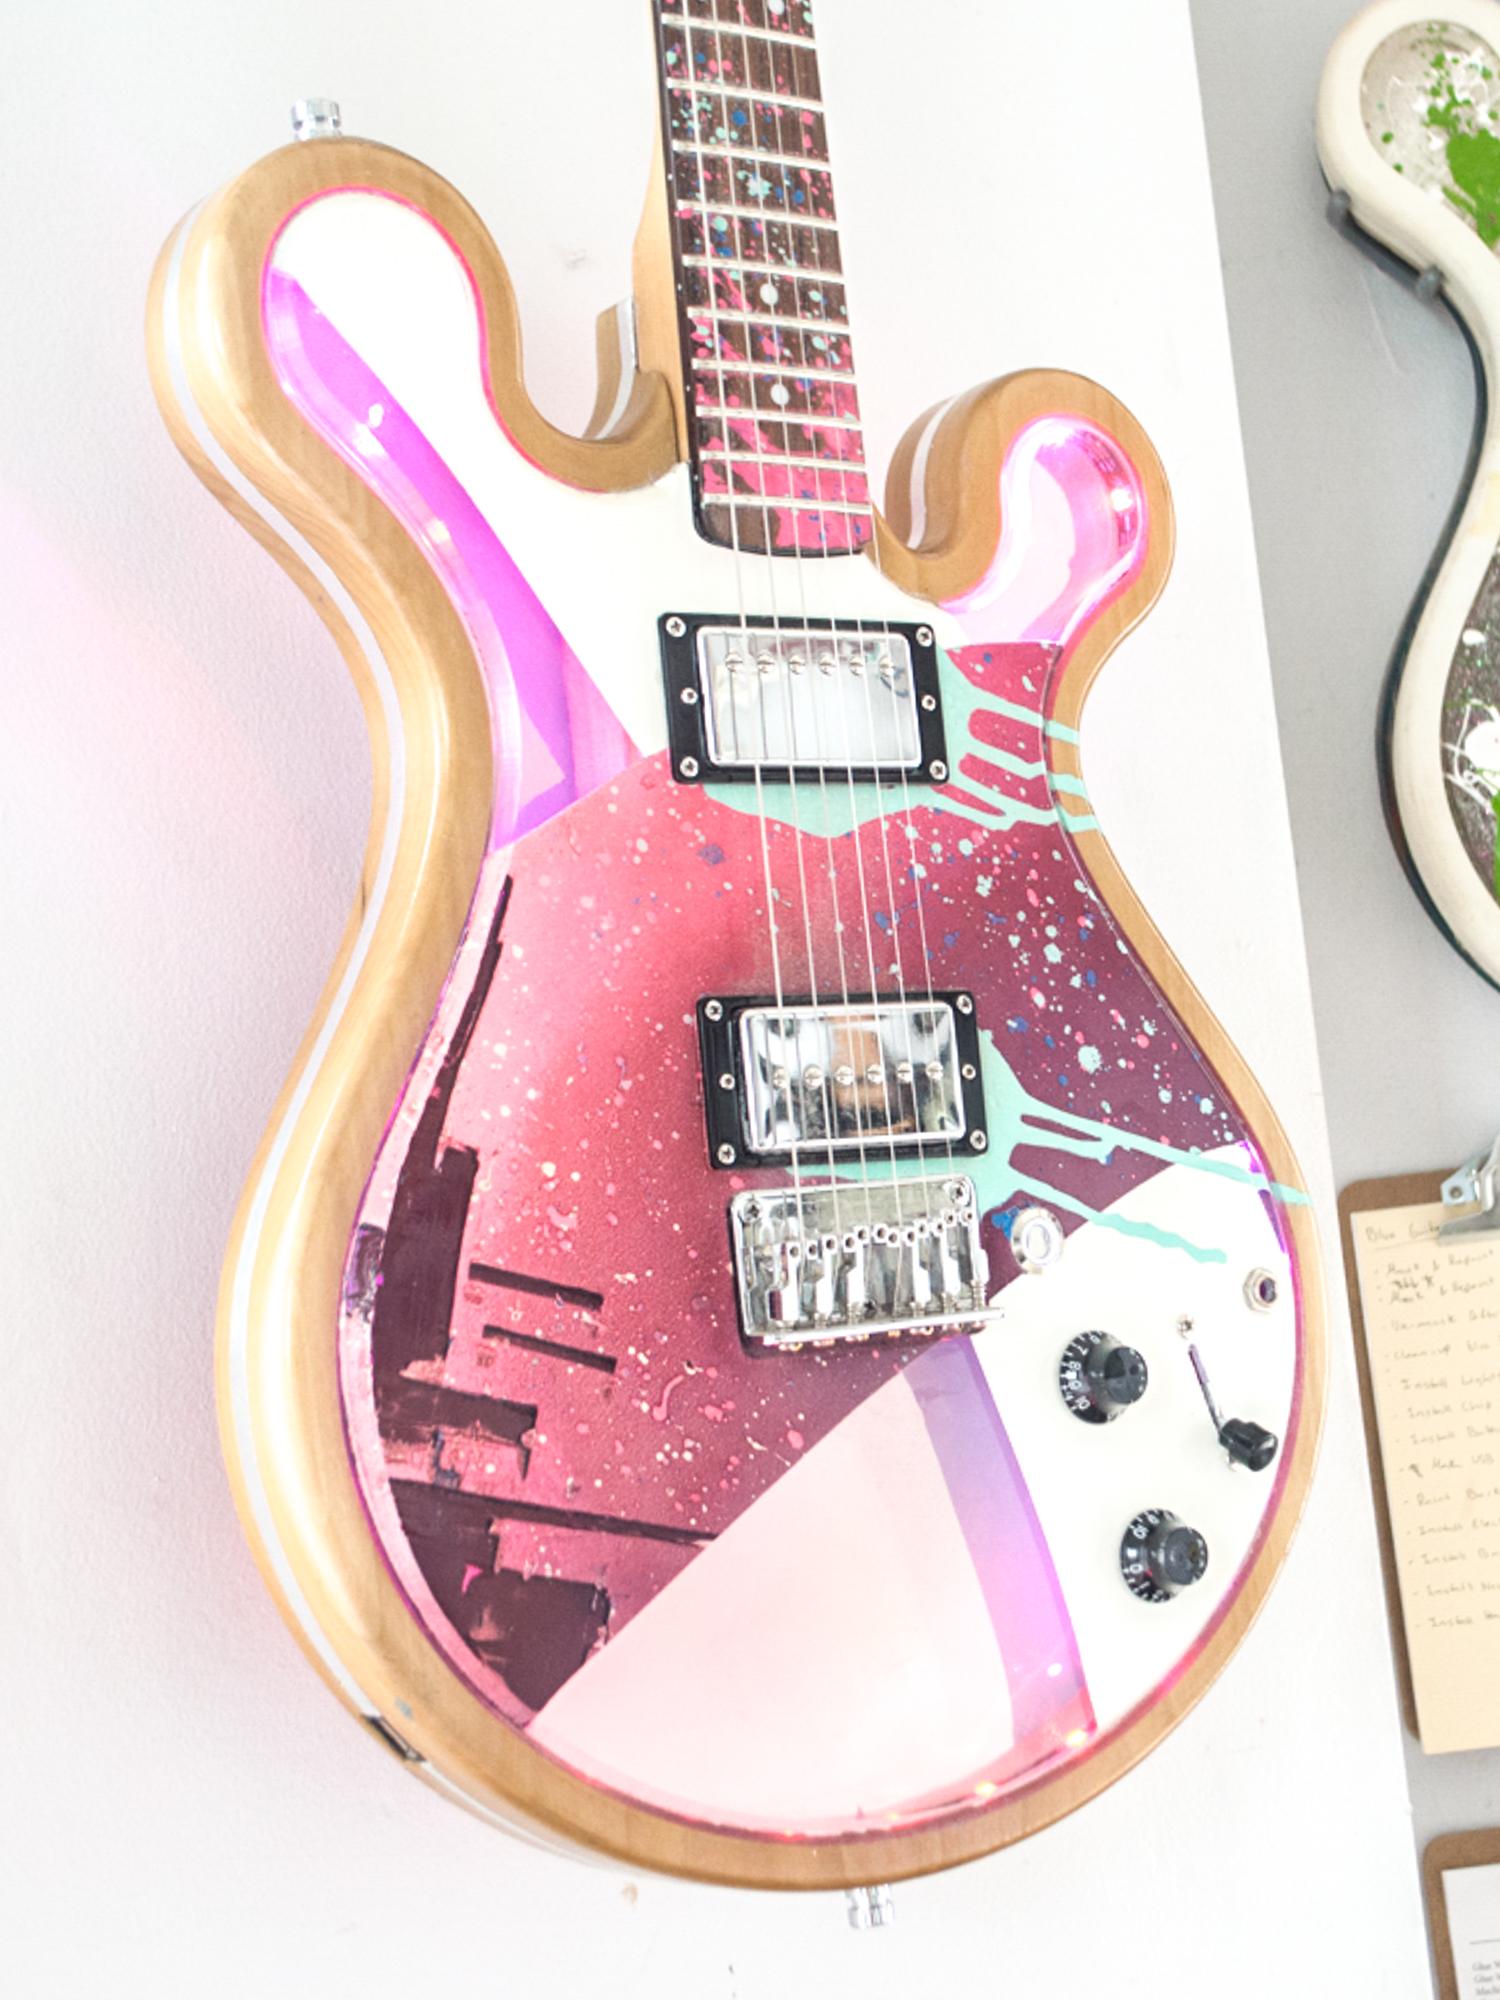 Aurora_Gallo_Guitar_LED_Art-4.jpg